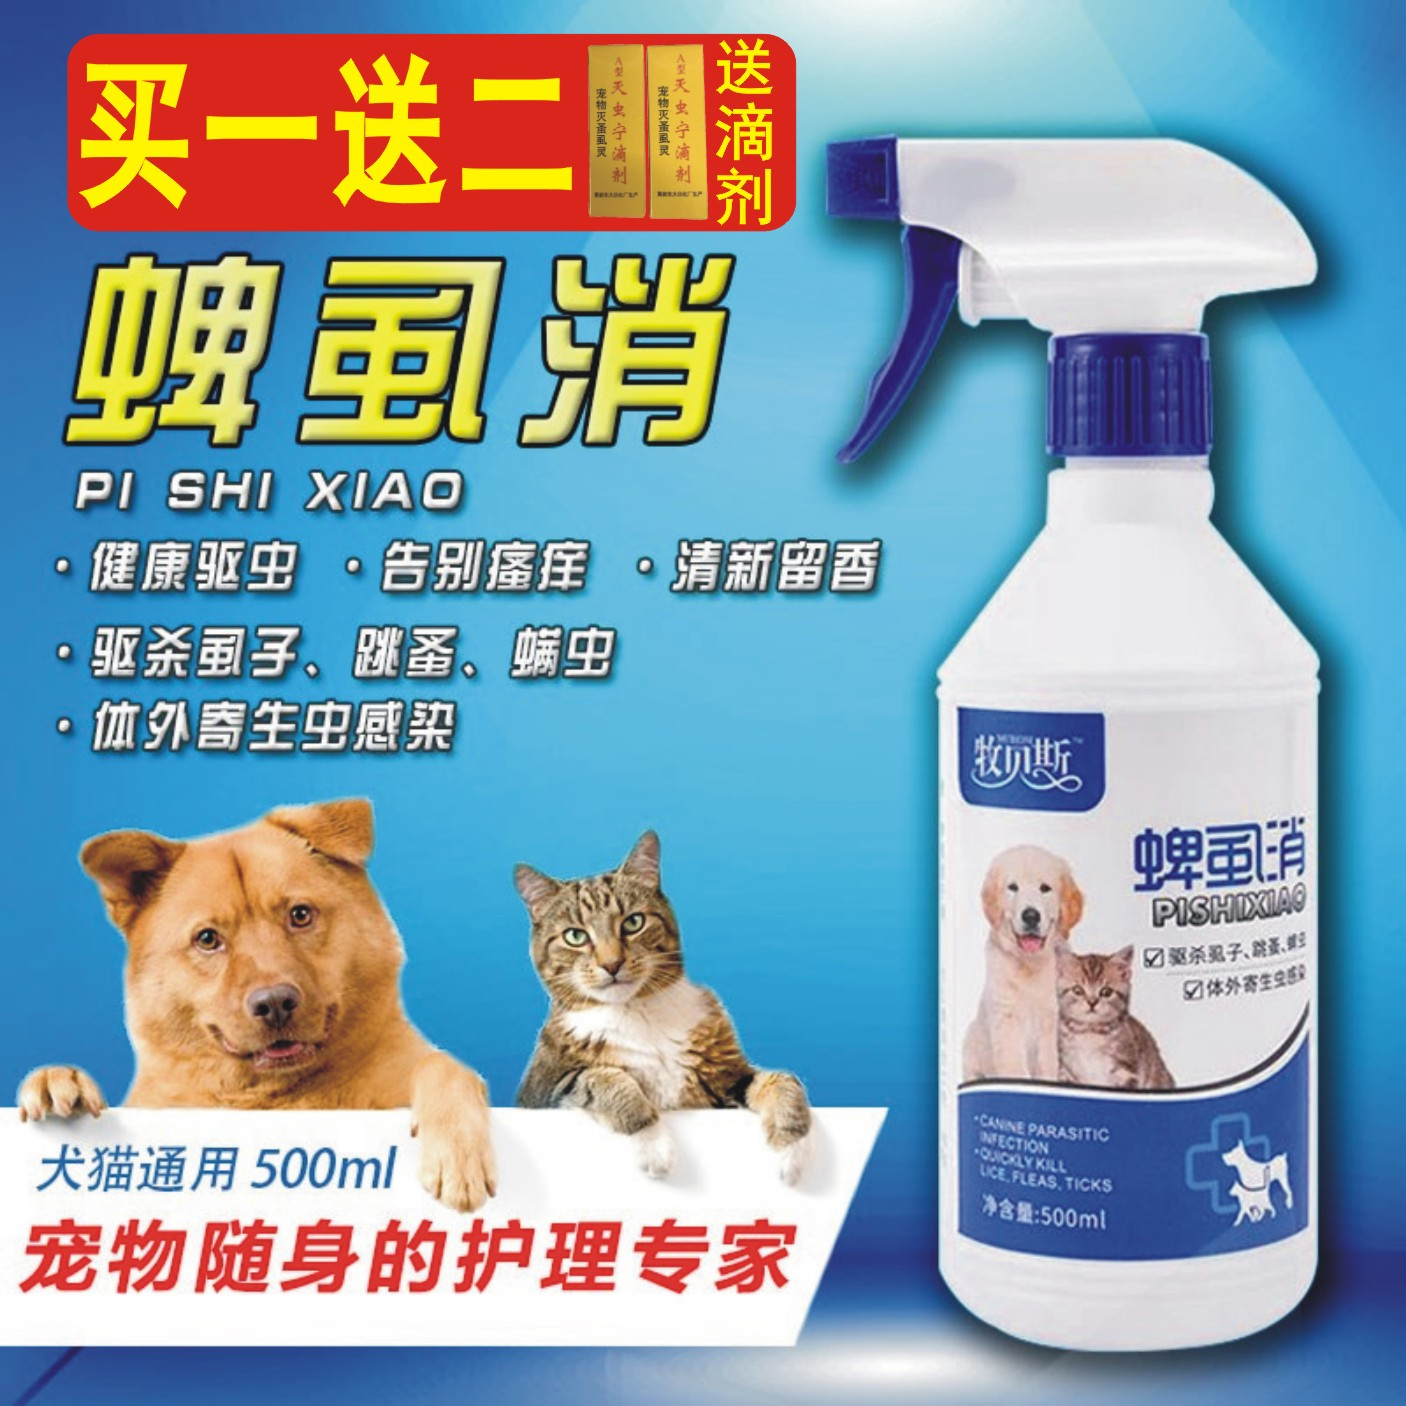 宠物体外驱虫猫犬用狗狗除跳蚤虱子牛蜱虫蜱虱消强力跳蚤杀虫喷剂